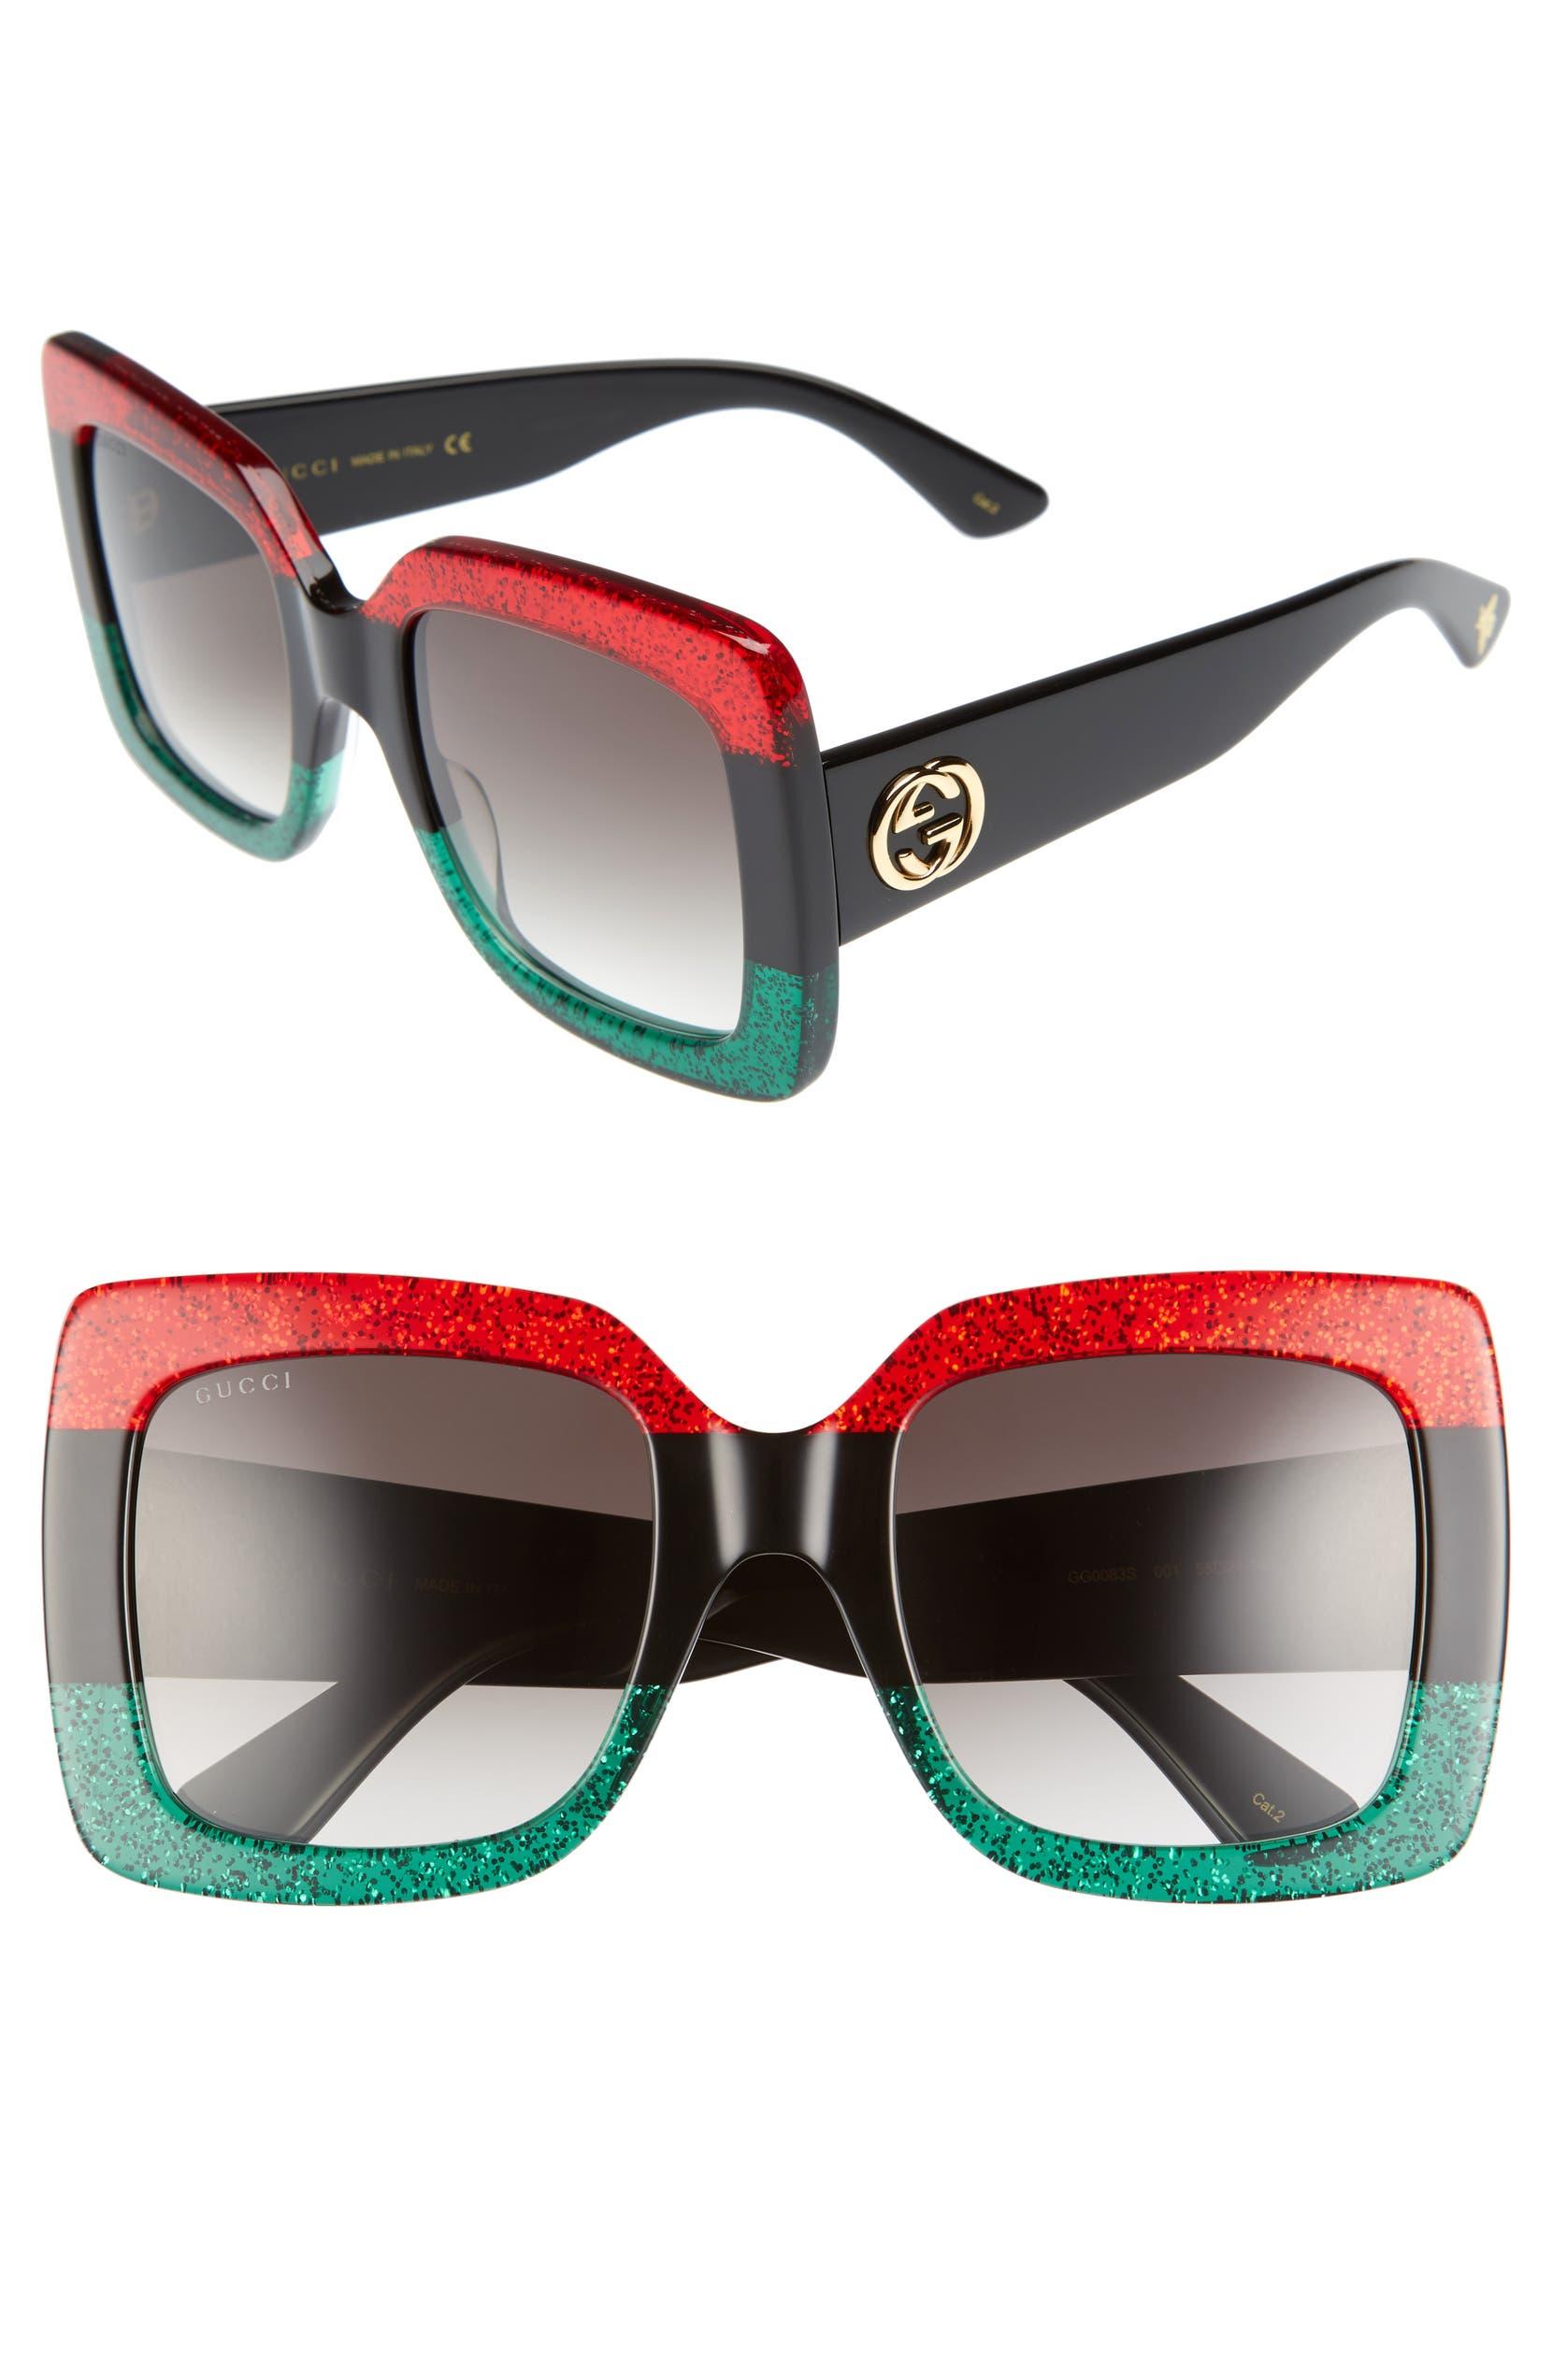 71dd04740 Gucci 55mm Square Sunglasses